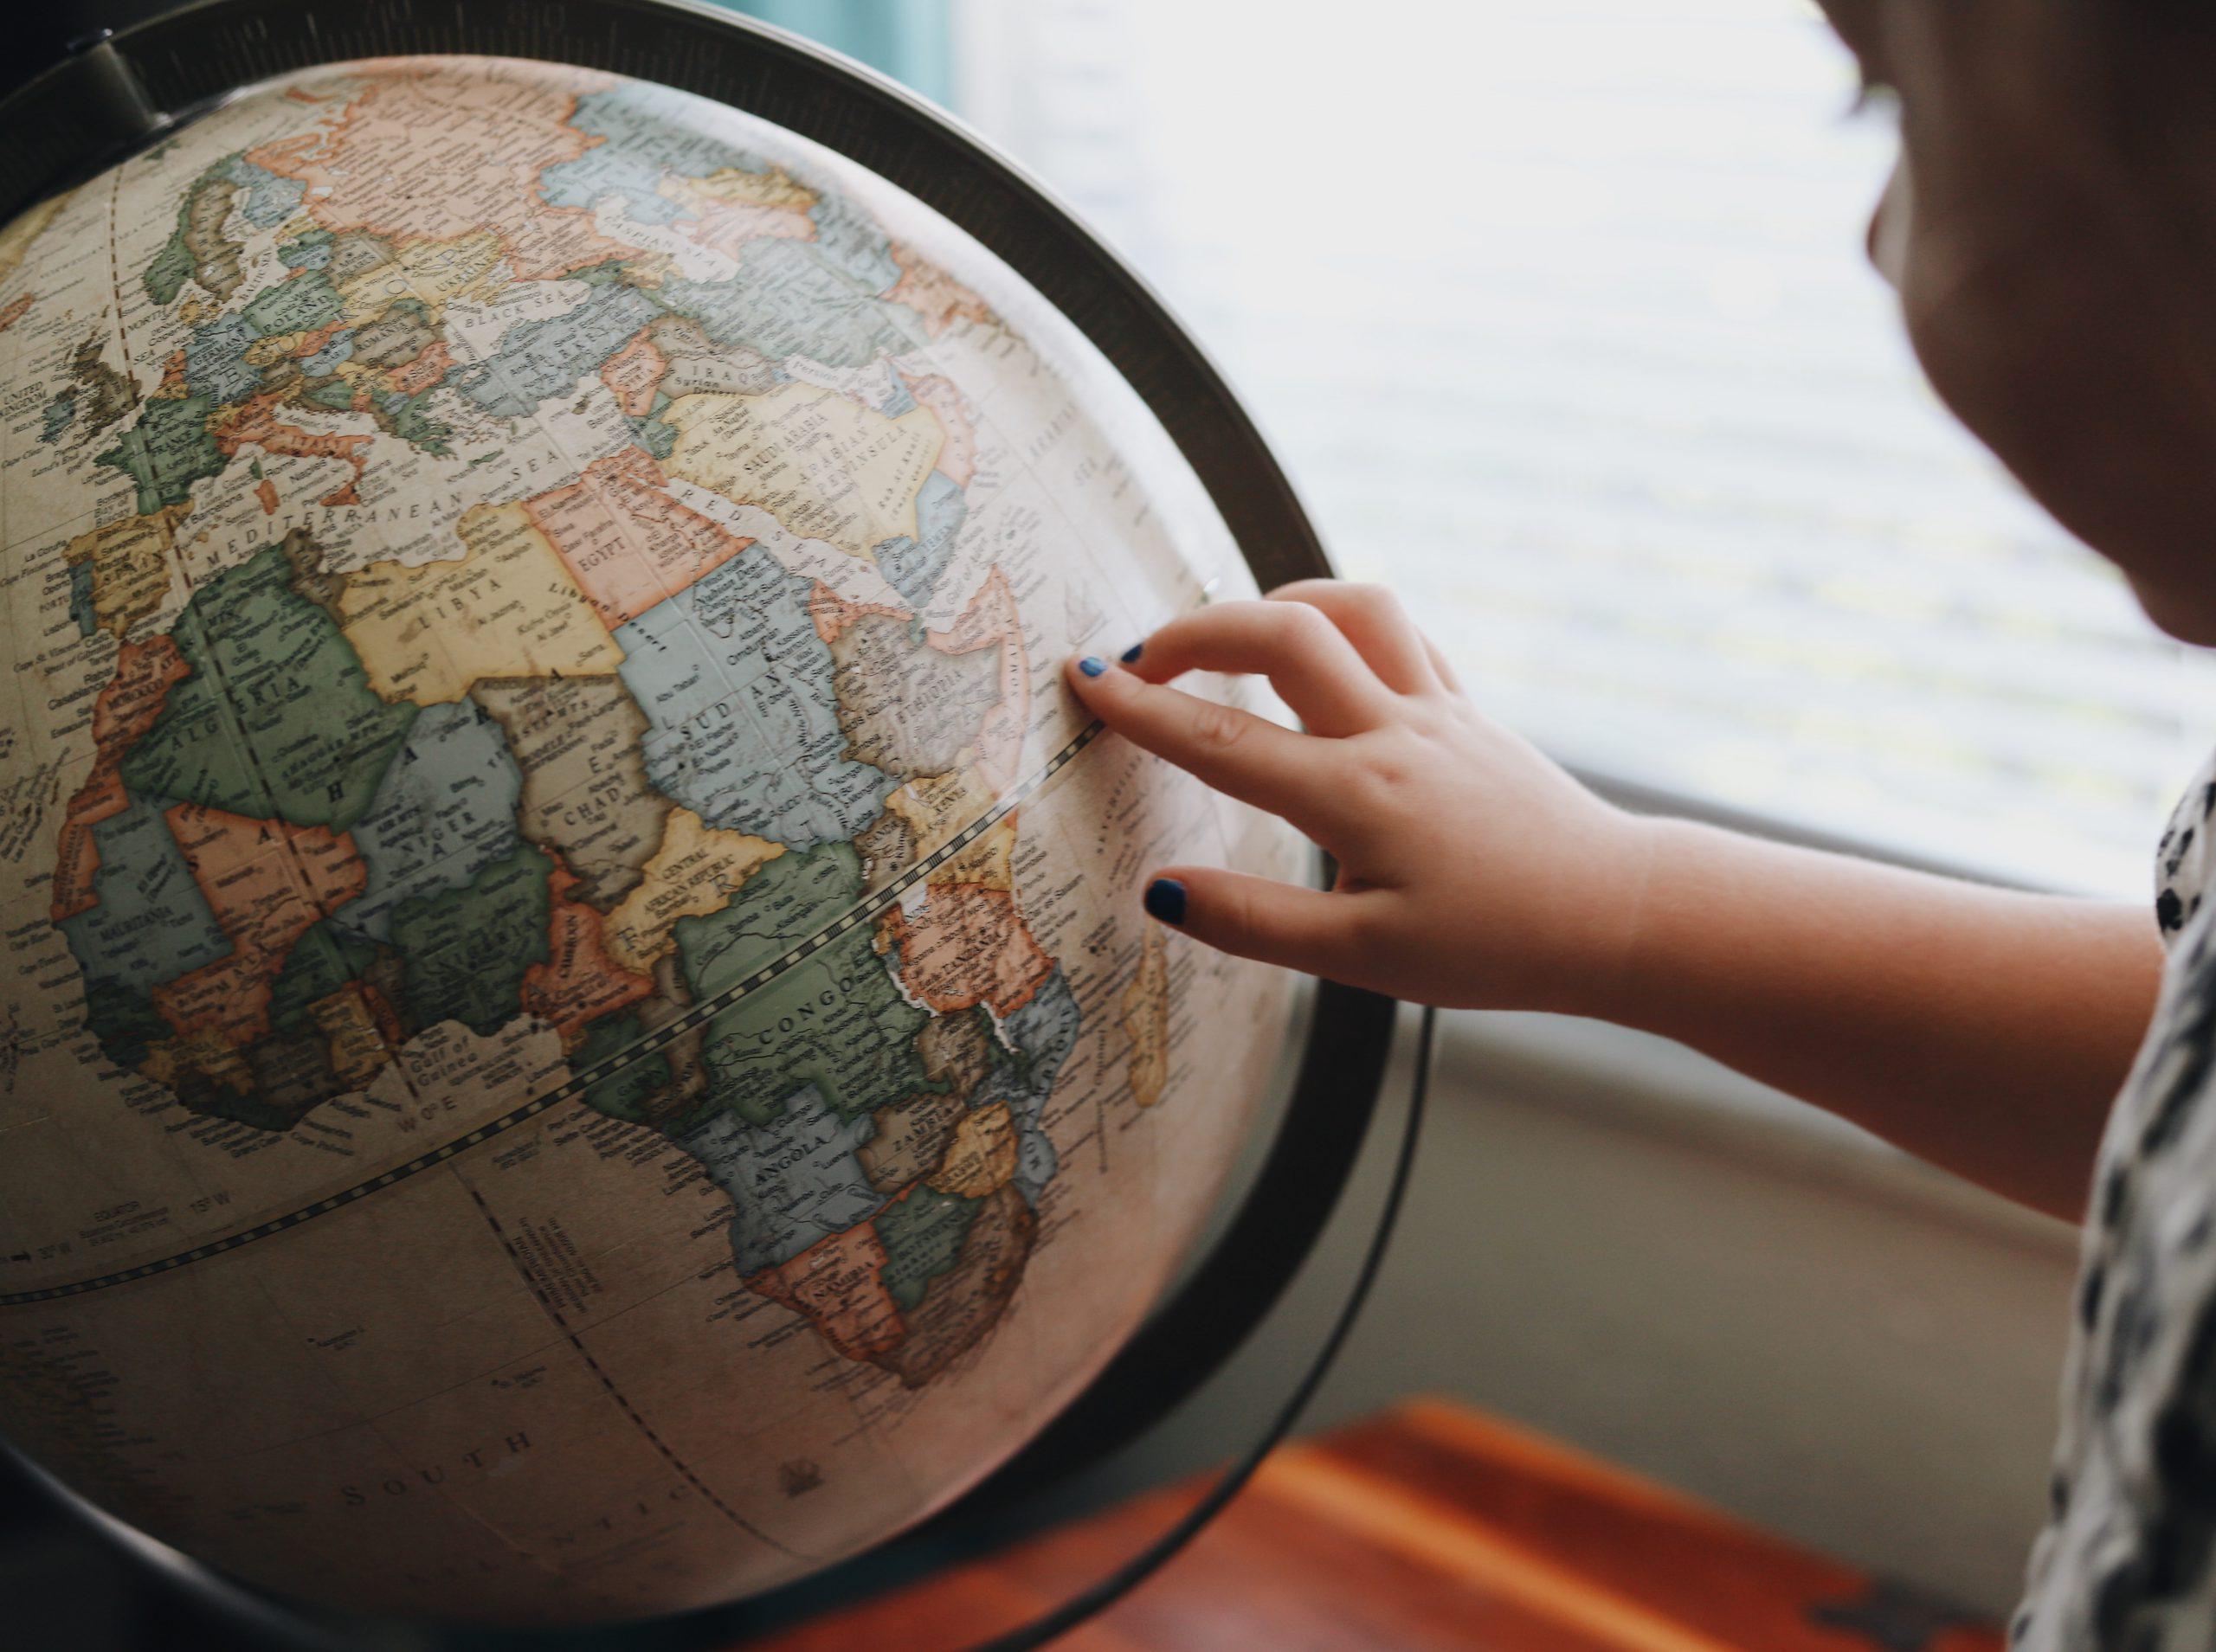 junia pharma giochi educativi bambini - mano di bambina che indica il mappamondo